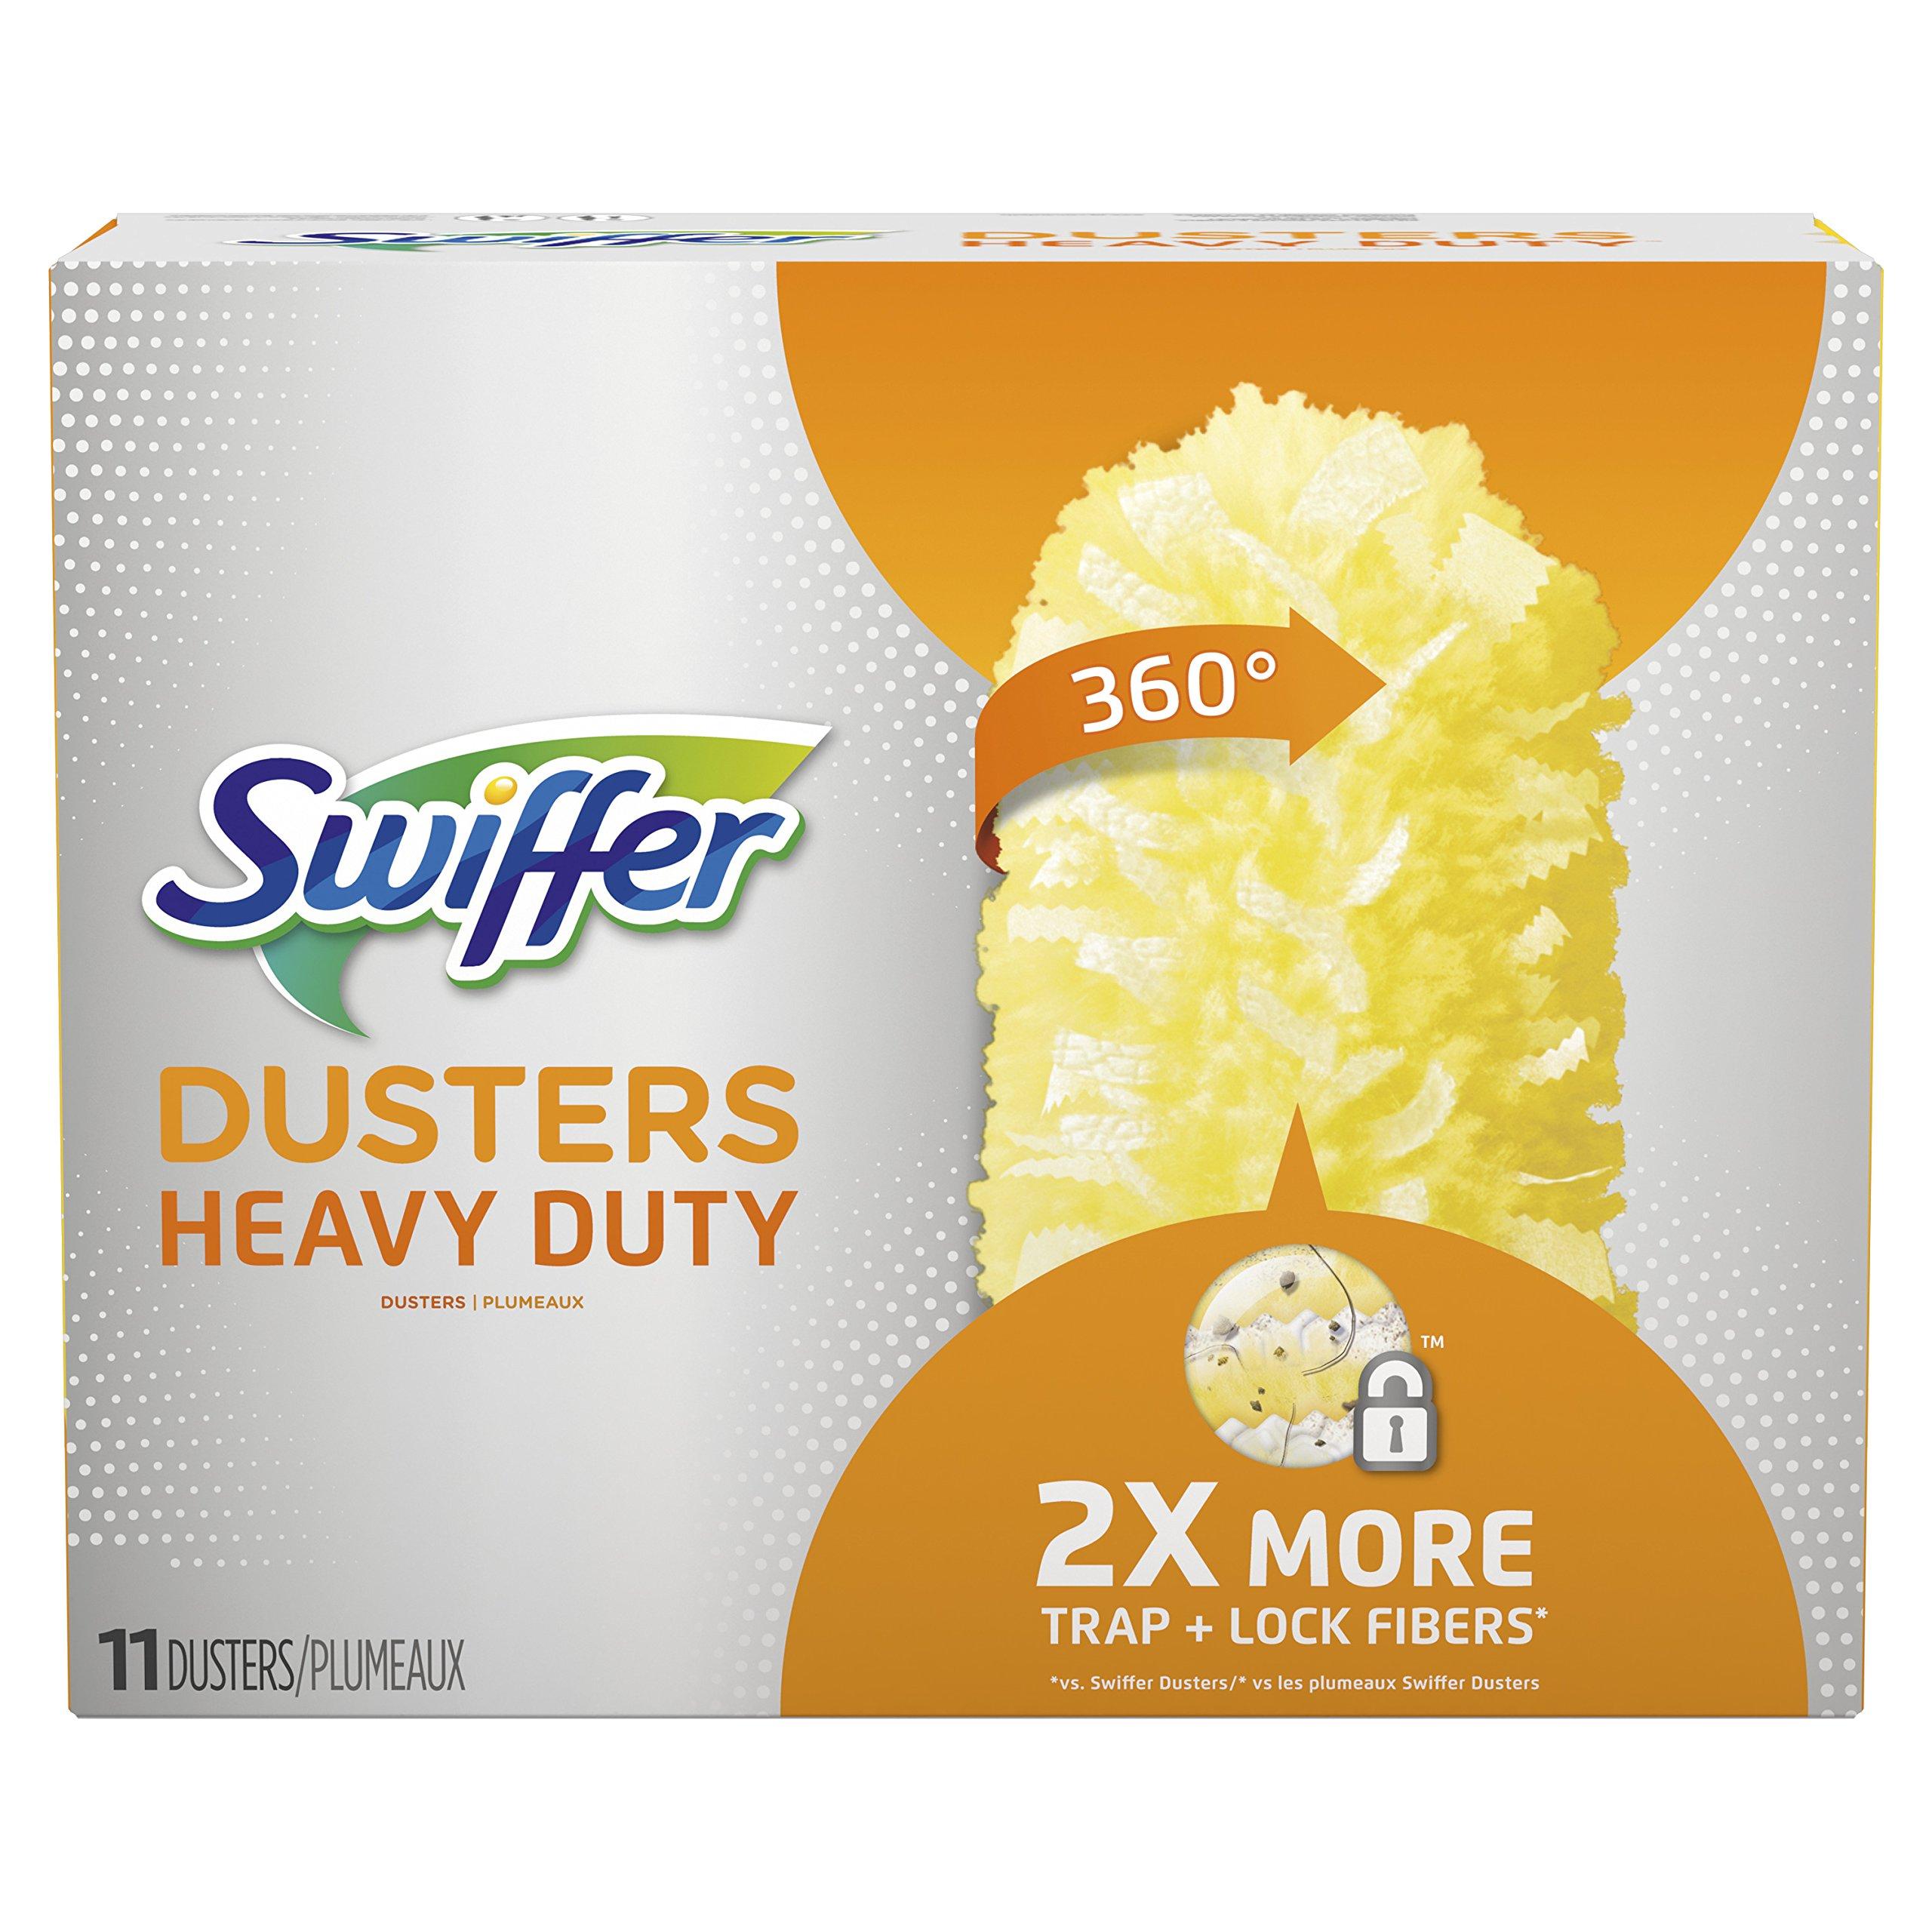 Swiffer 360 Dusters, Heavy Duty Refills, 11 Count by Swiffer